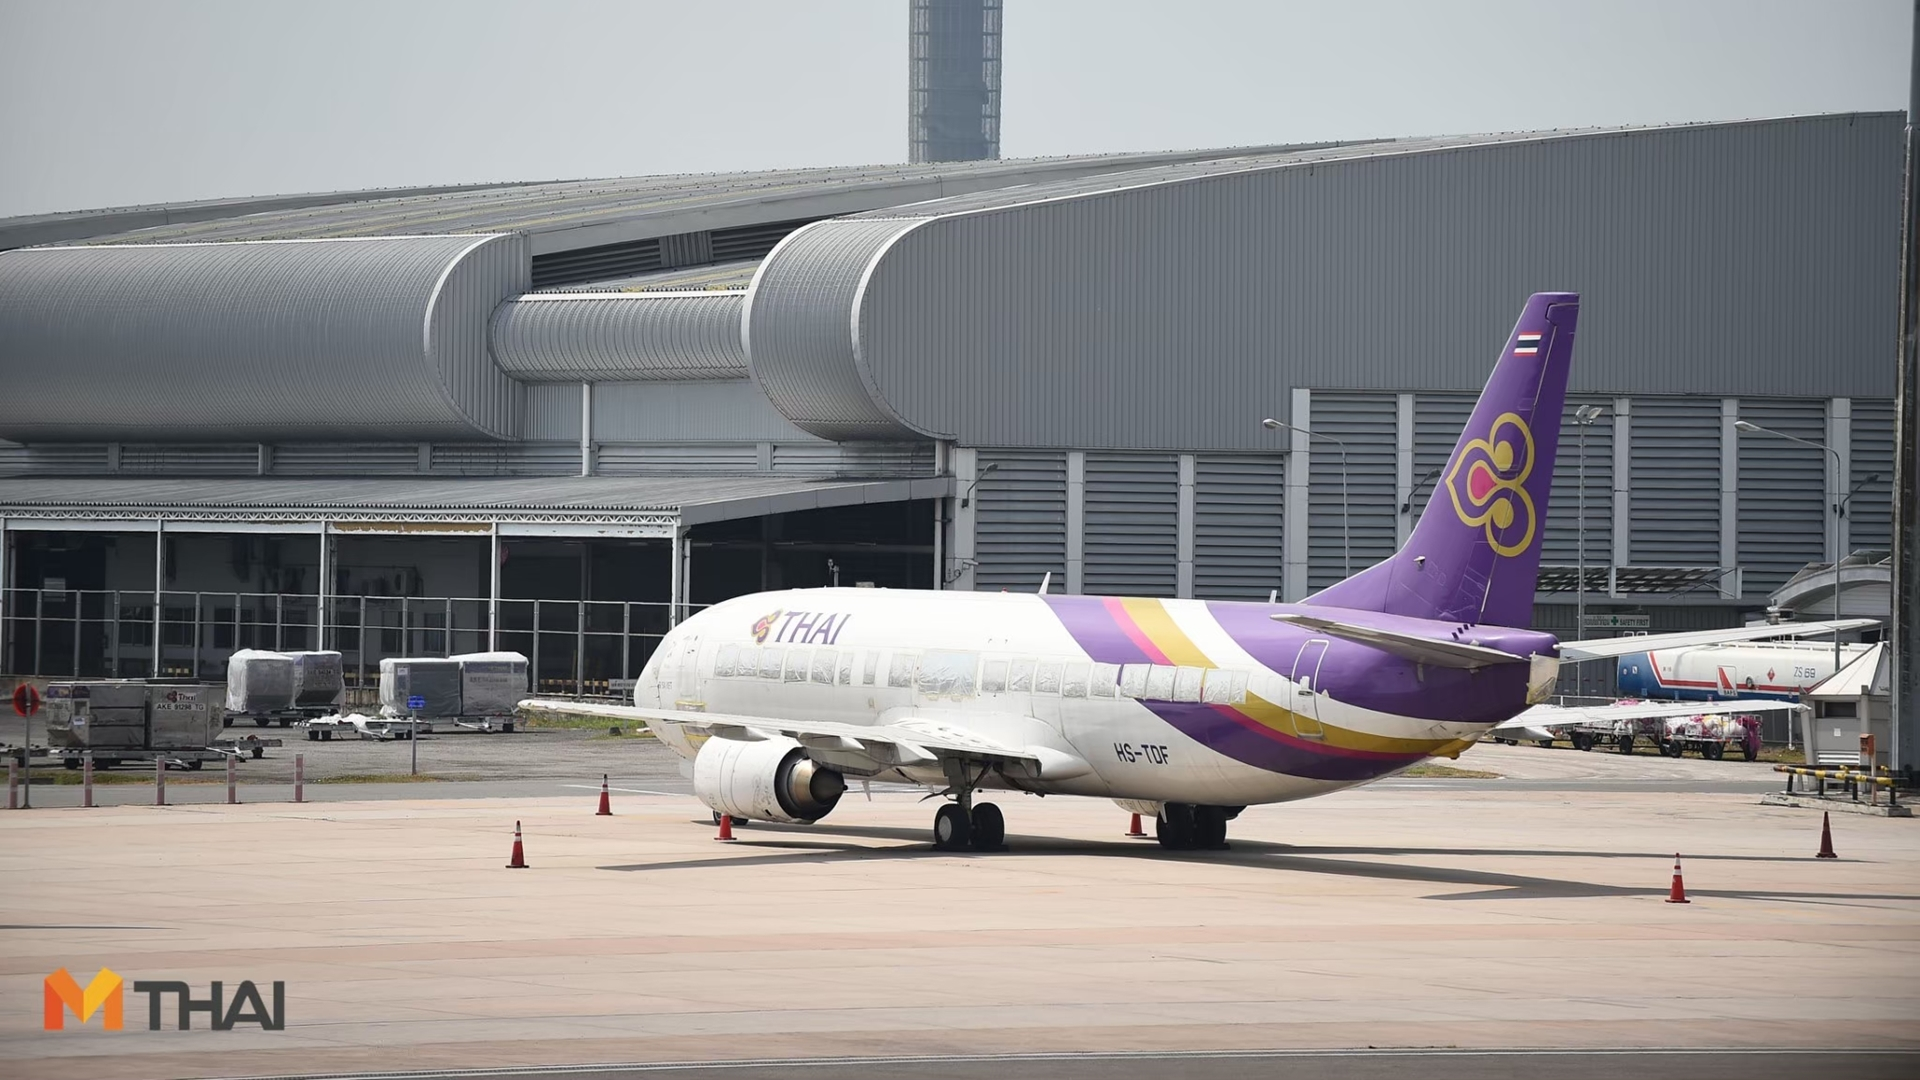 การบินไทย บินรับพรปีใหม่ สุขใจตลอดปี บินวน 99 วัด